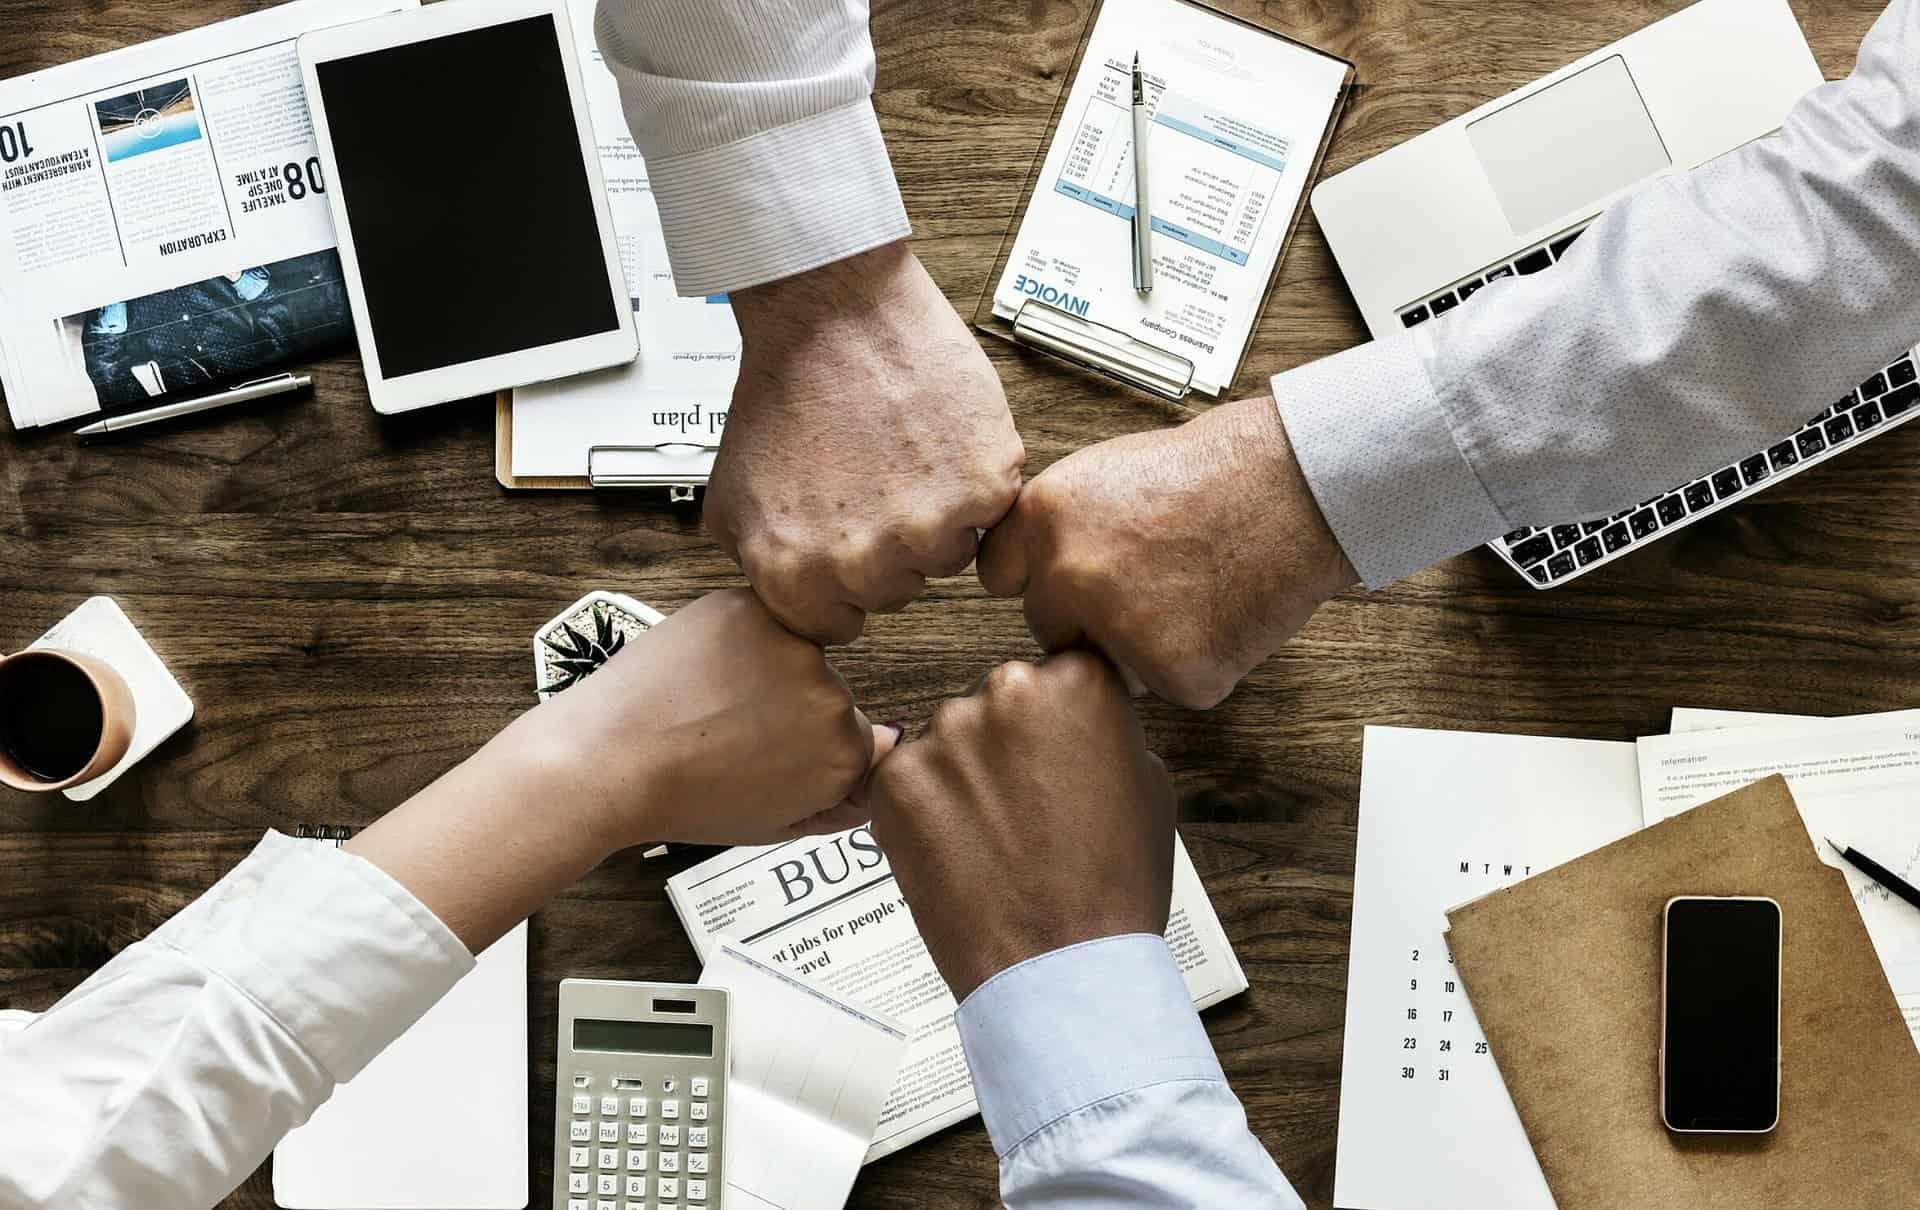 Opleiding verkooptechnieken | Verkoopsucces | Succesvolle verkopers